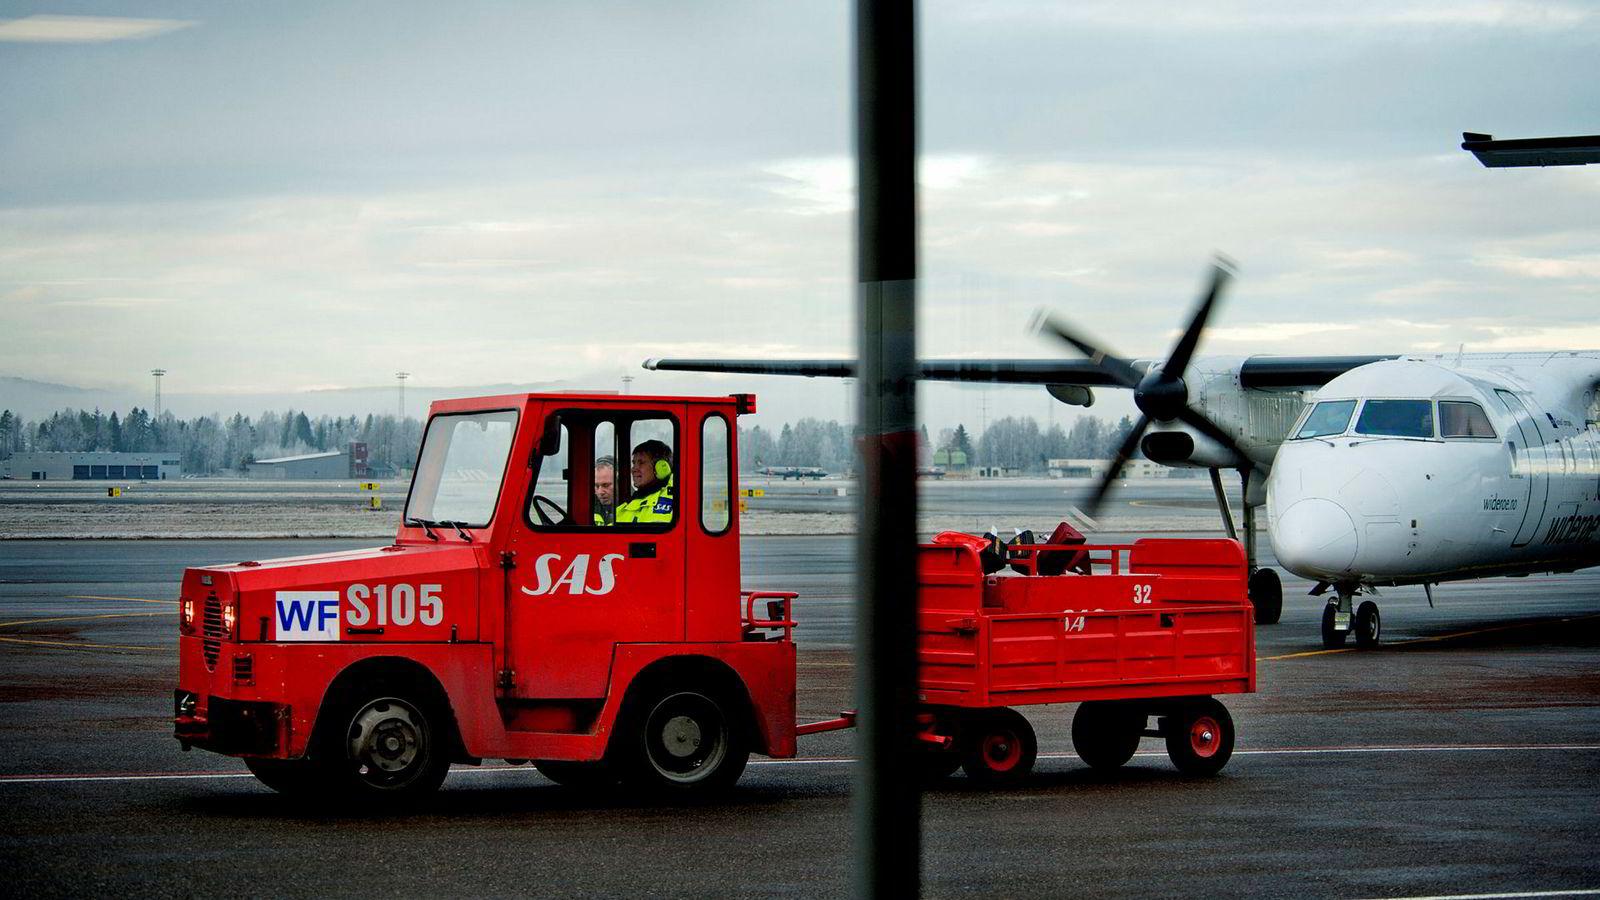 Widerøe har overtatt store deler av bakkemannskapet fra SAS i Norge. De bakkeansatte varsler mulig konflikt fra 5. februar. Bildet er fra Oslo lufthavn.